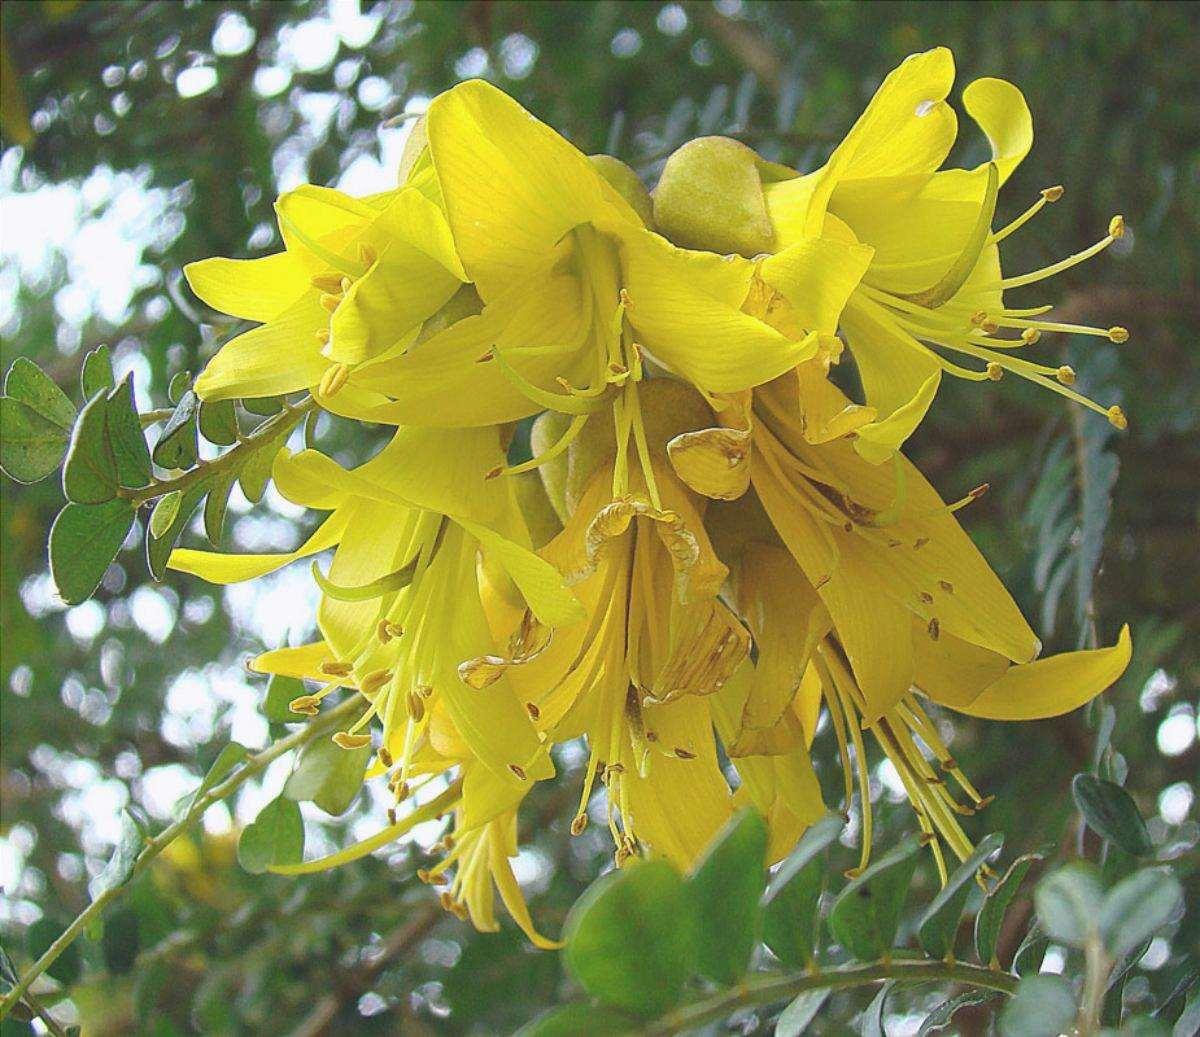 I fiori di Sophora sono di solito gialli.